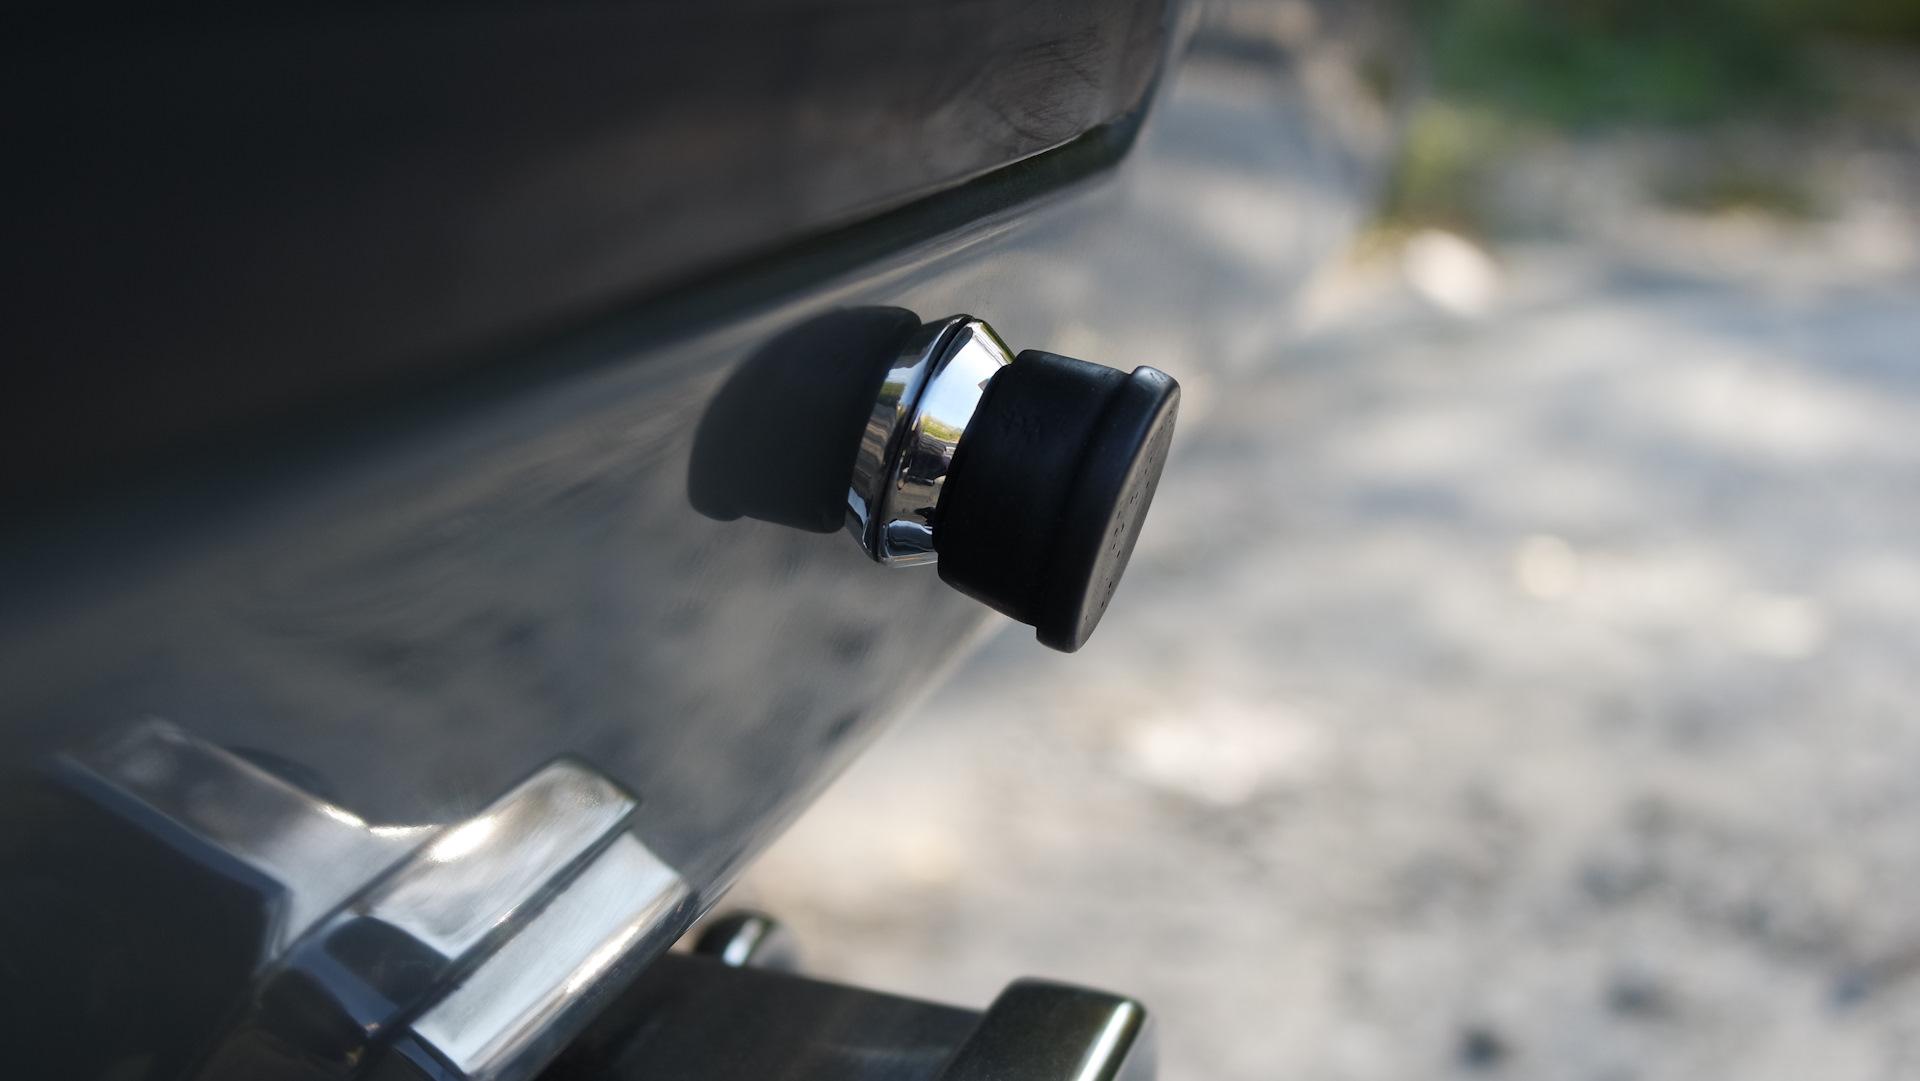 Купить крышечки для двигателей защитные резиновые фантом наклейки комплект combo напрямую с завода